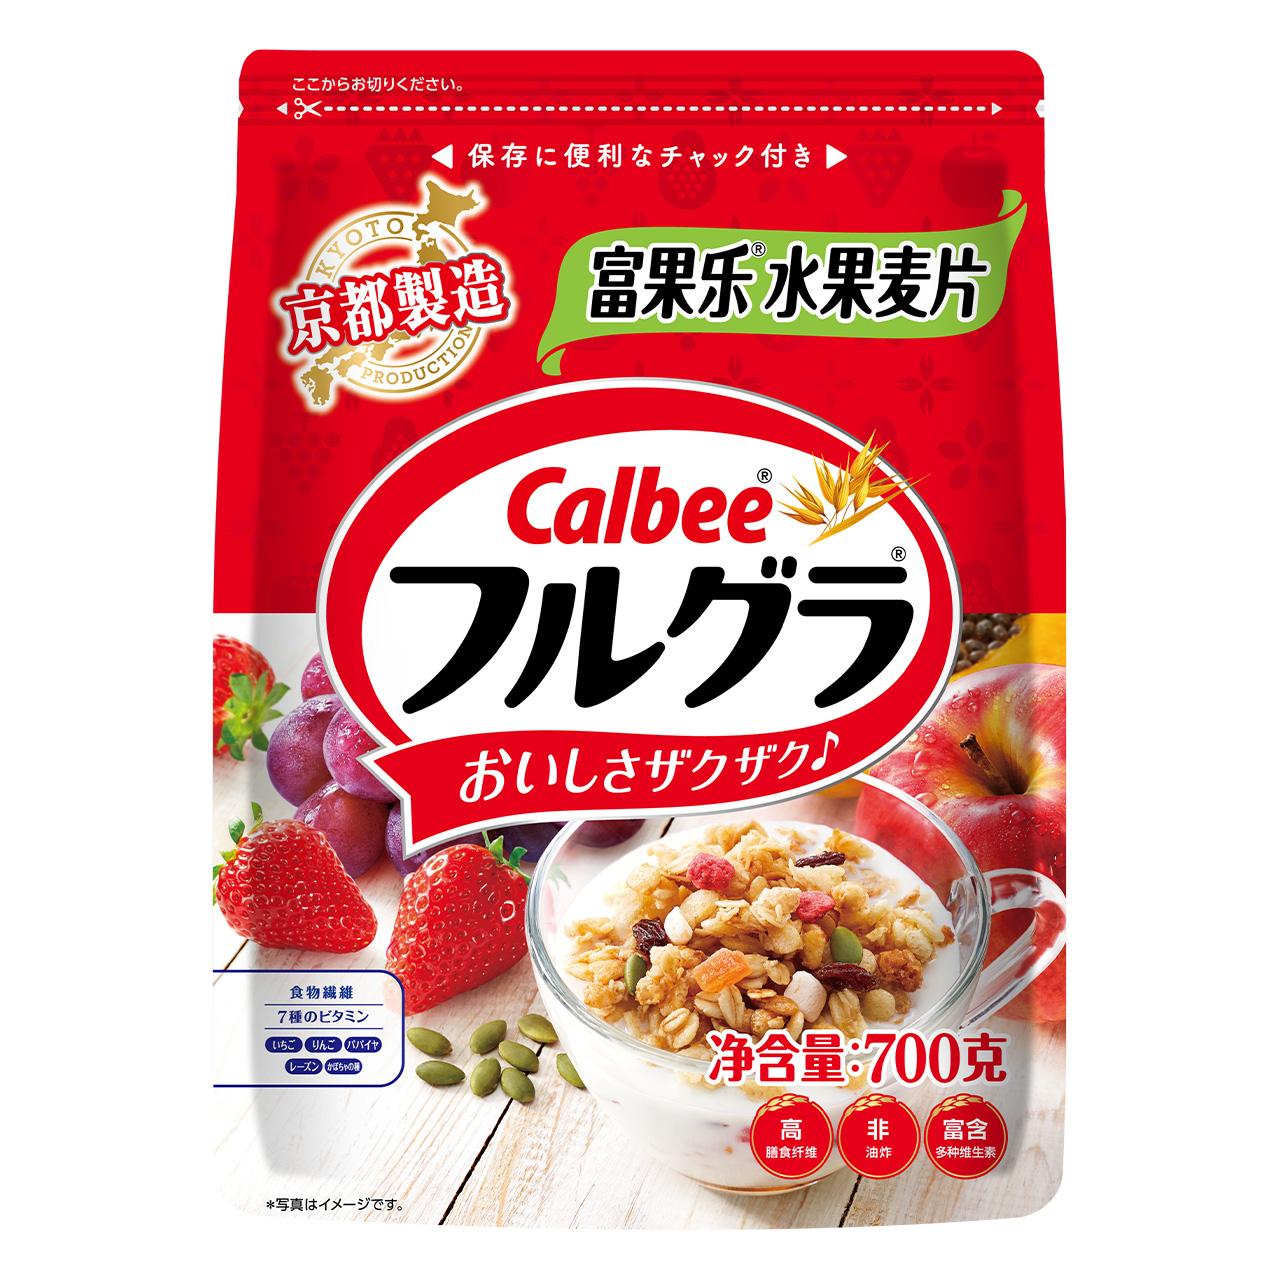 Calbee 卡乐比 进口原味水果麦片 700g